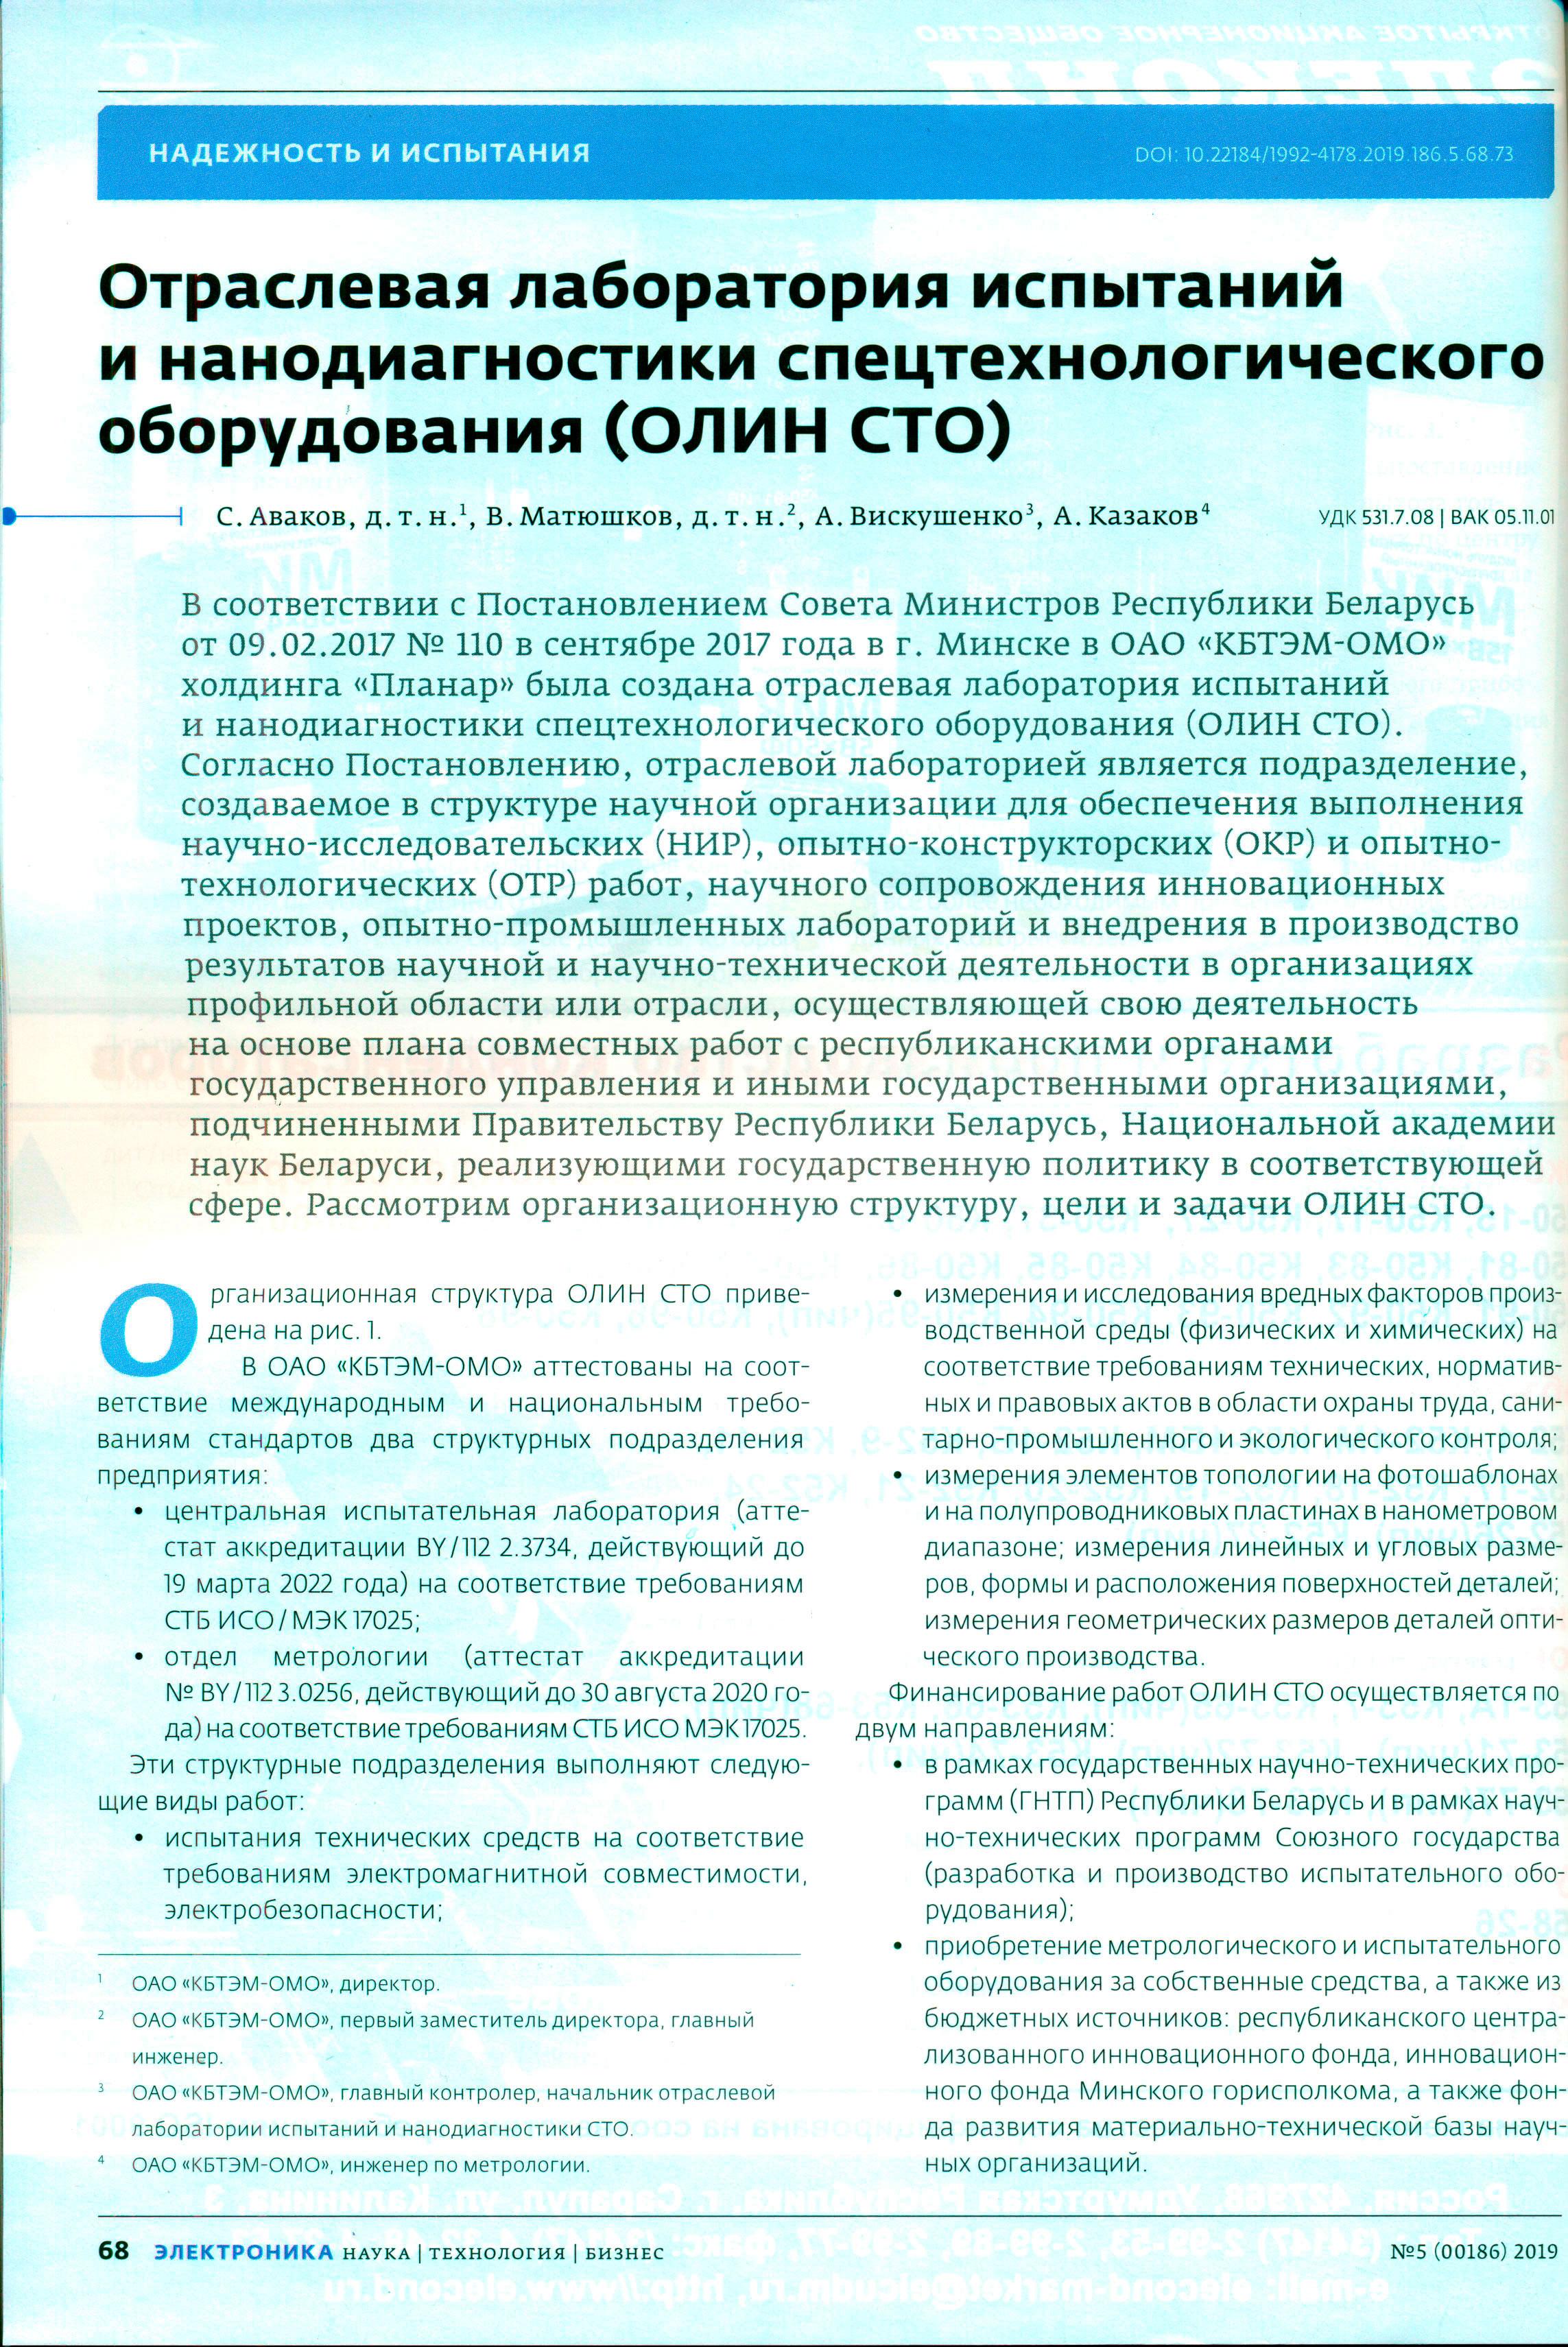 Статья ОАО «КБТЭМ-ОМО» в журнале «Электроника: НТБ» 2019